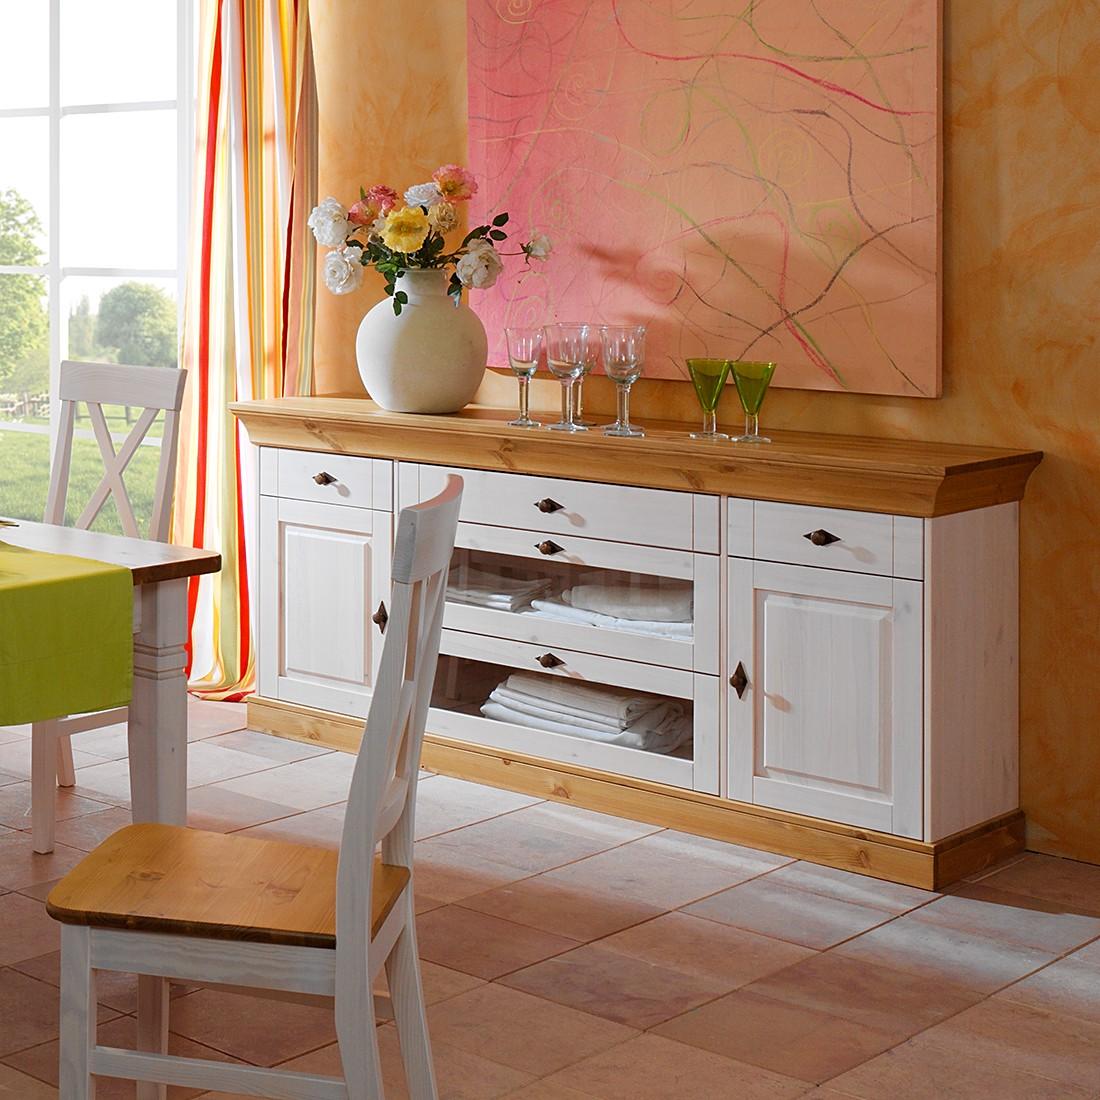 schrank wei g nstig neuesten design. Black Bedroom Furniture Sets. Home Design Ideas